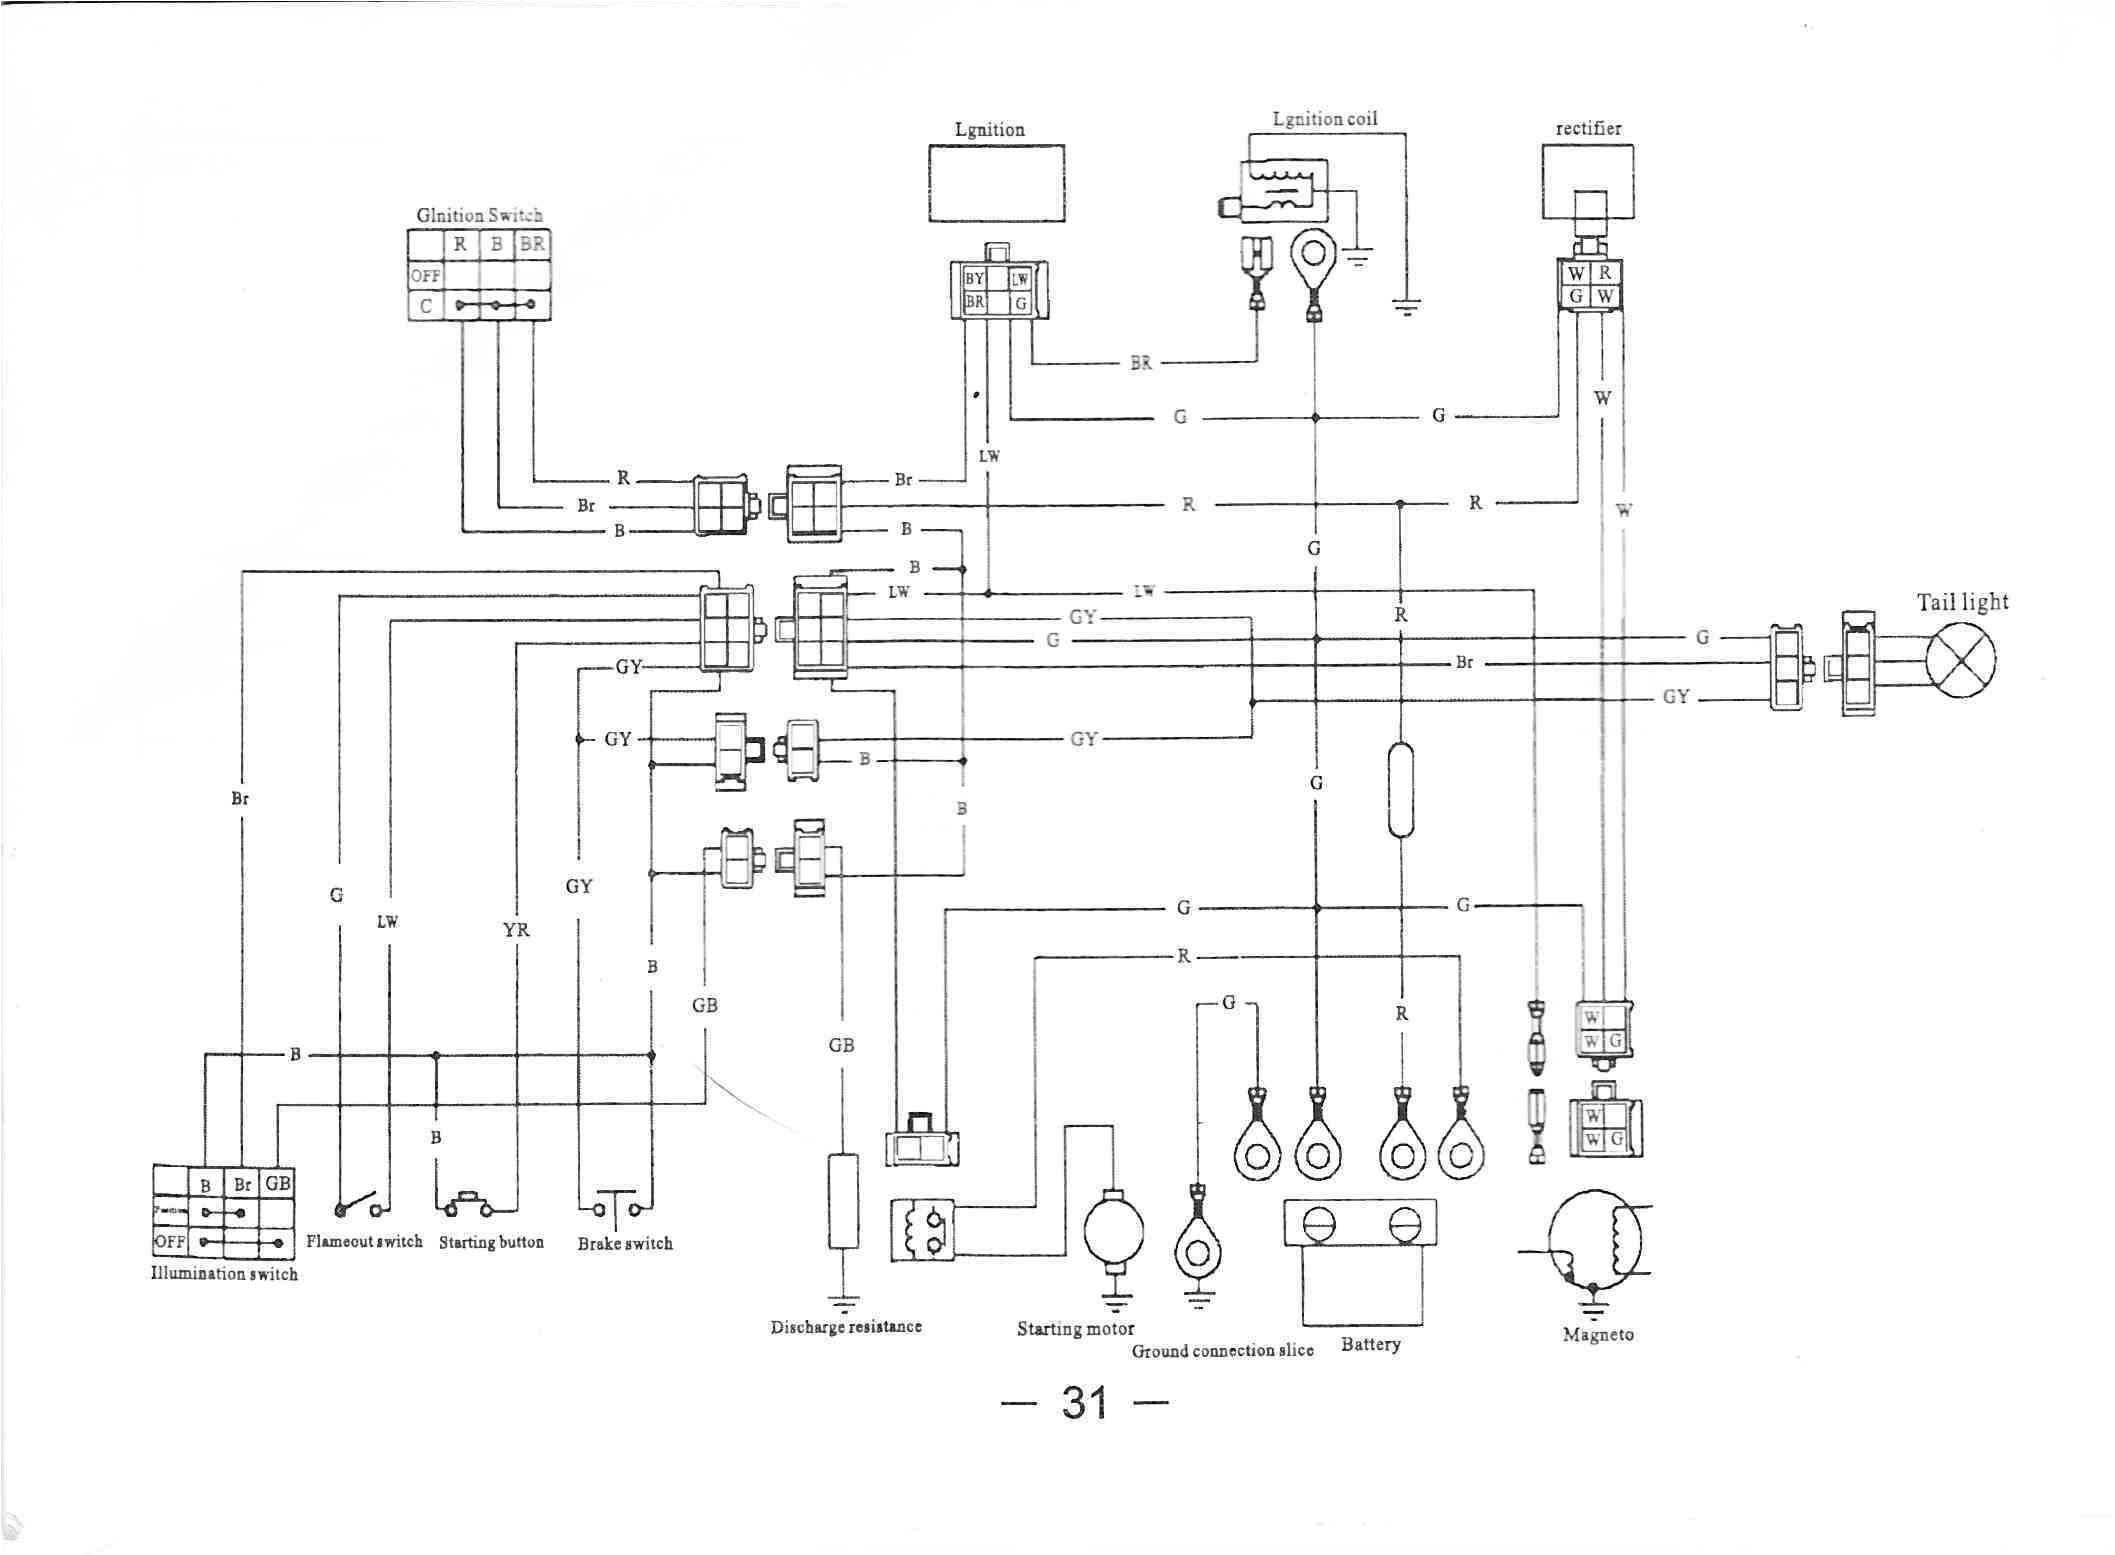 kazuma 50cc atv connection diagram